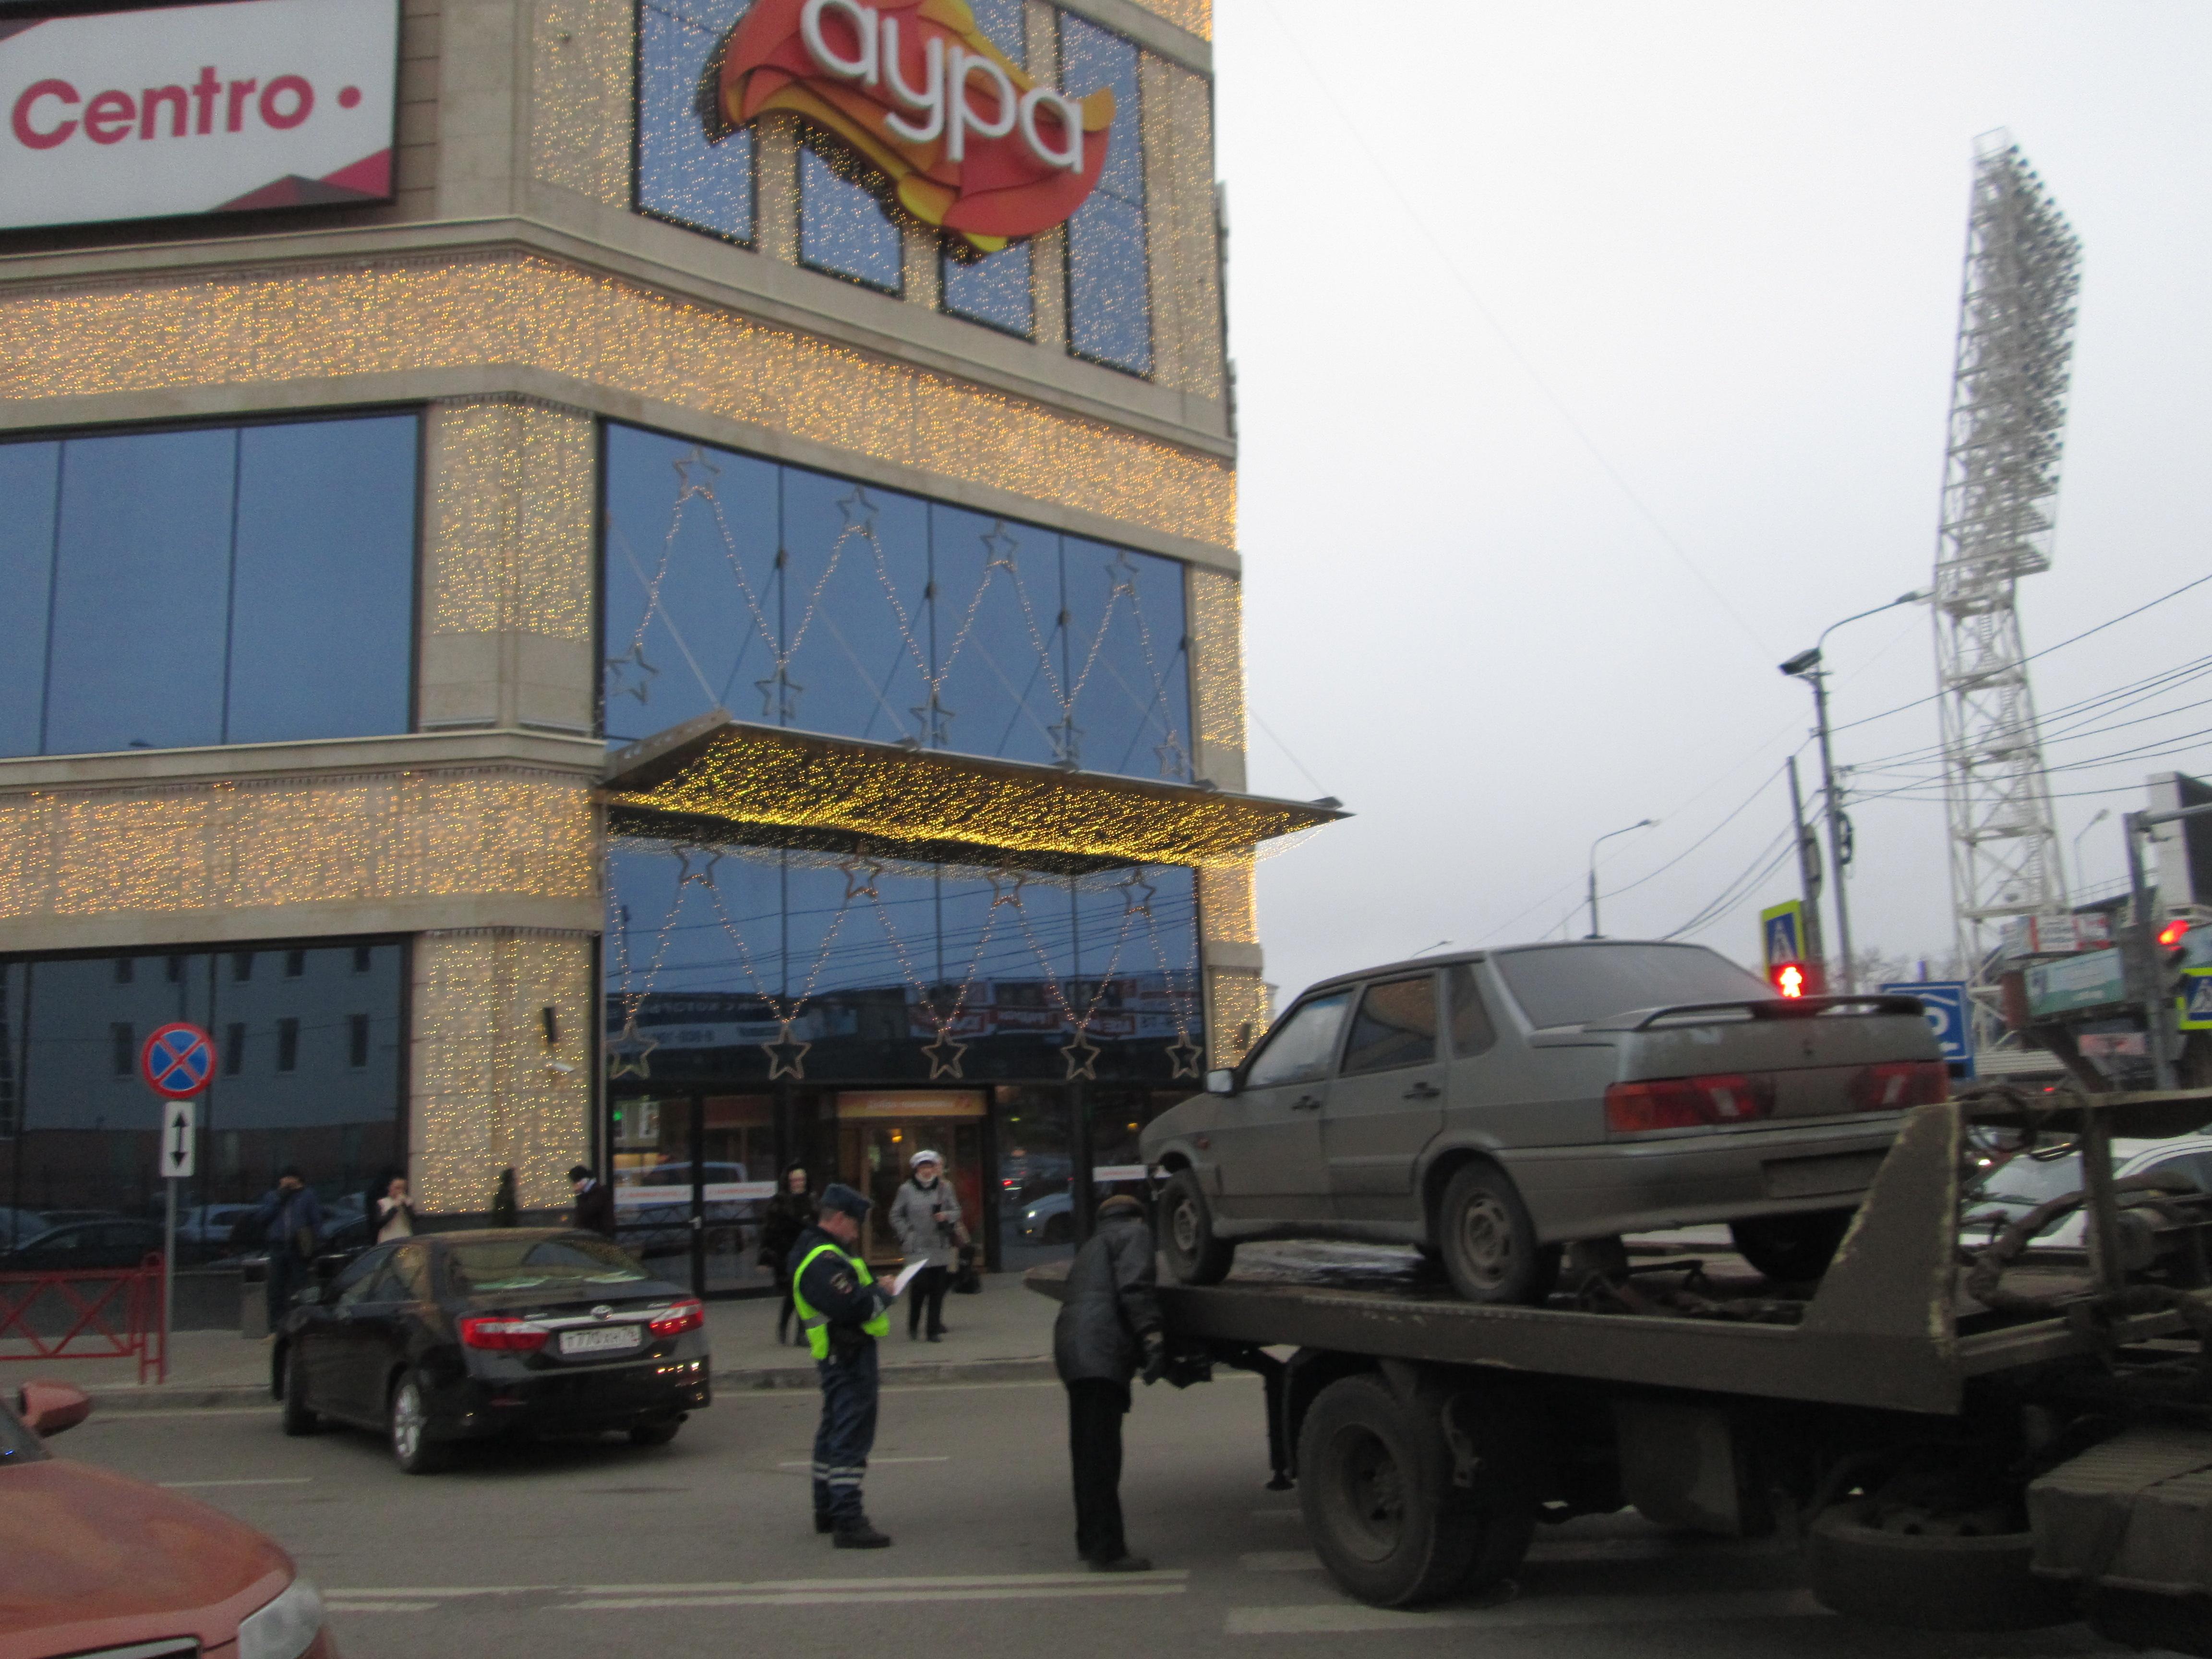 За сутки в Ярославле гаишники выявили 98 машин, припаркованных не по правилам